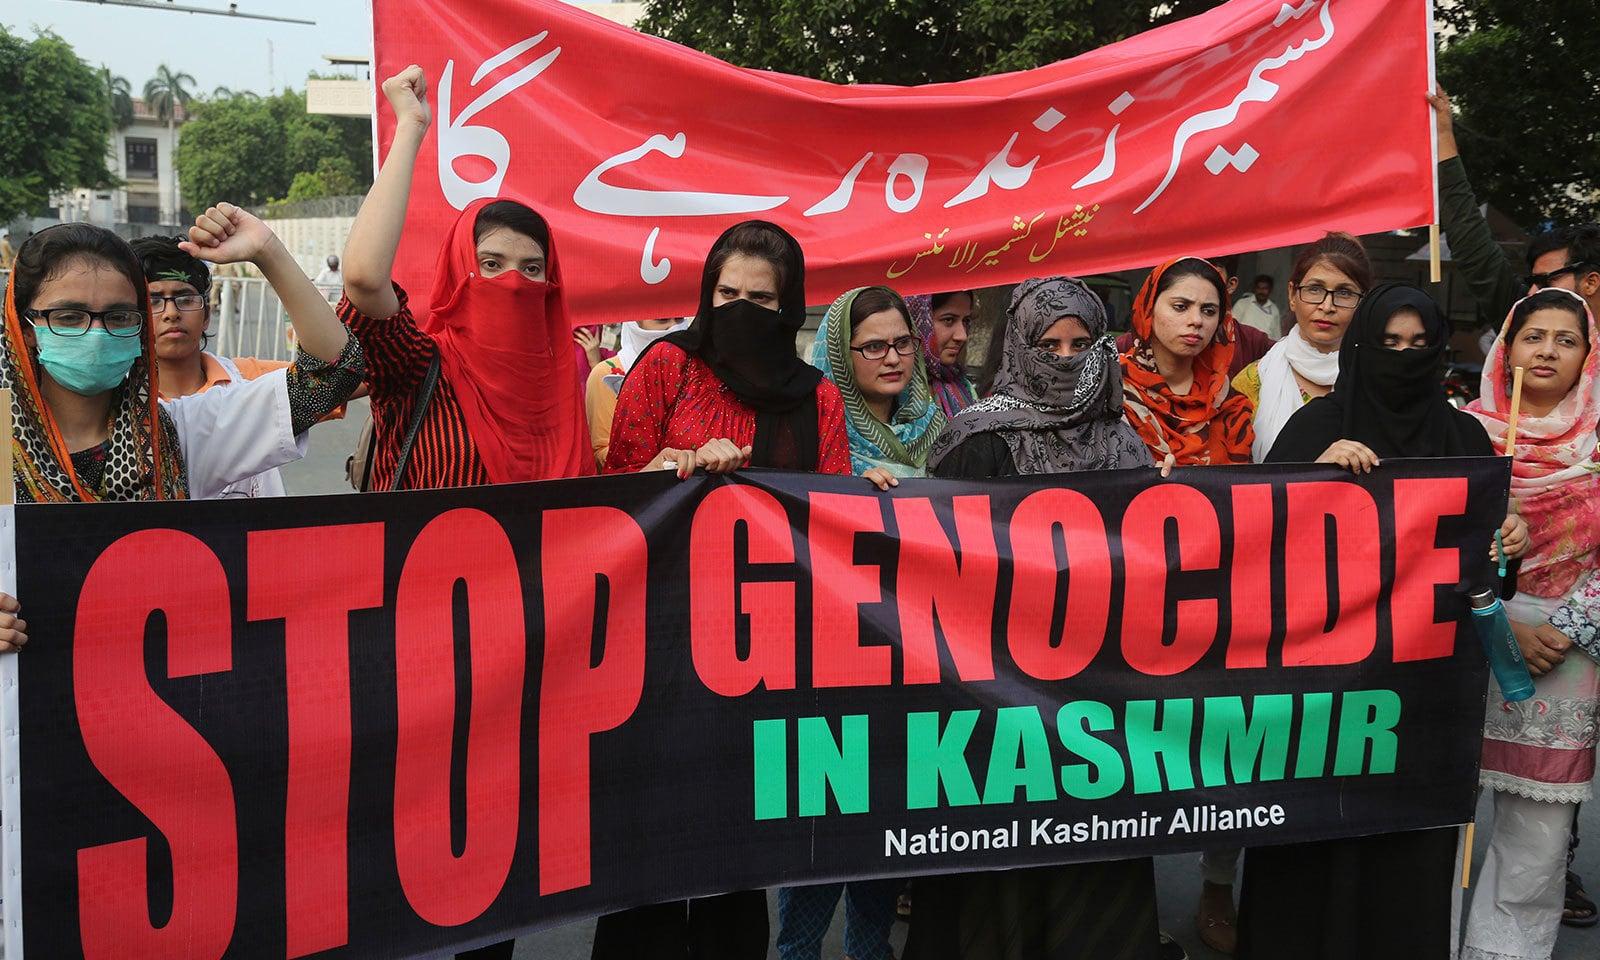 مقبوضہ کشمیر سے متعلق   بھارتی اقدام کے خلاف خواتین نے  بھی احتجاج کیا — فوٹو: اے پی